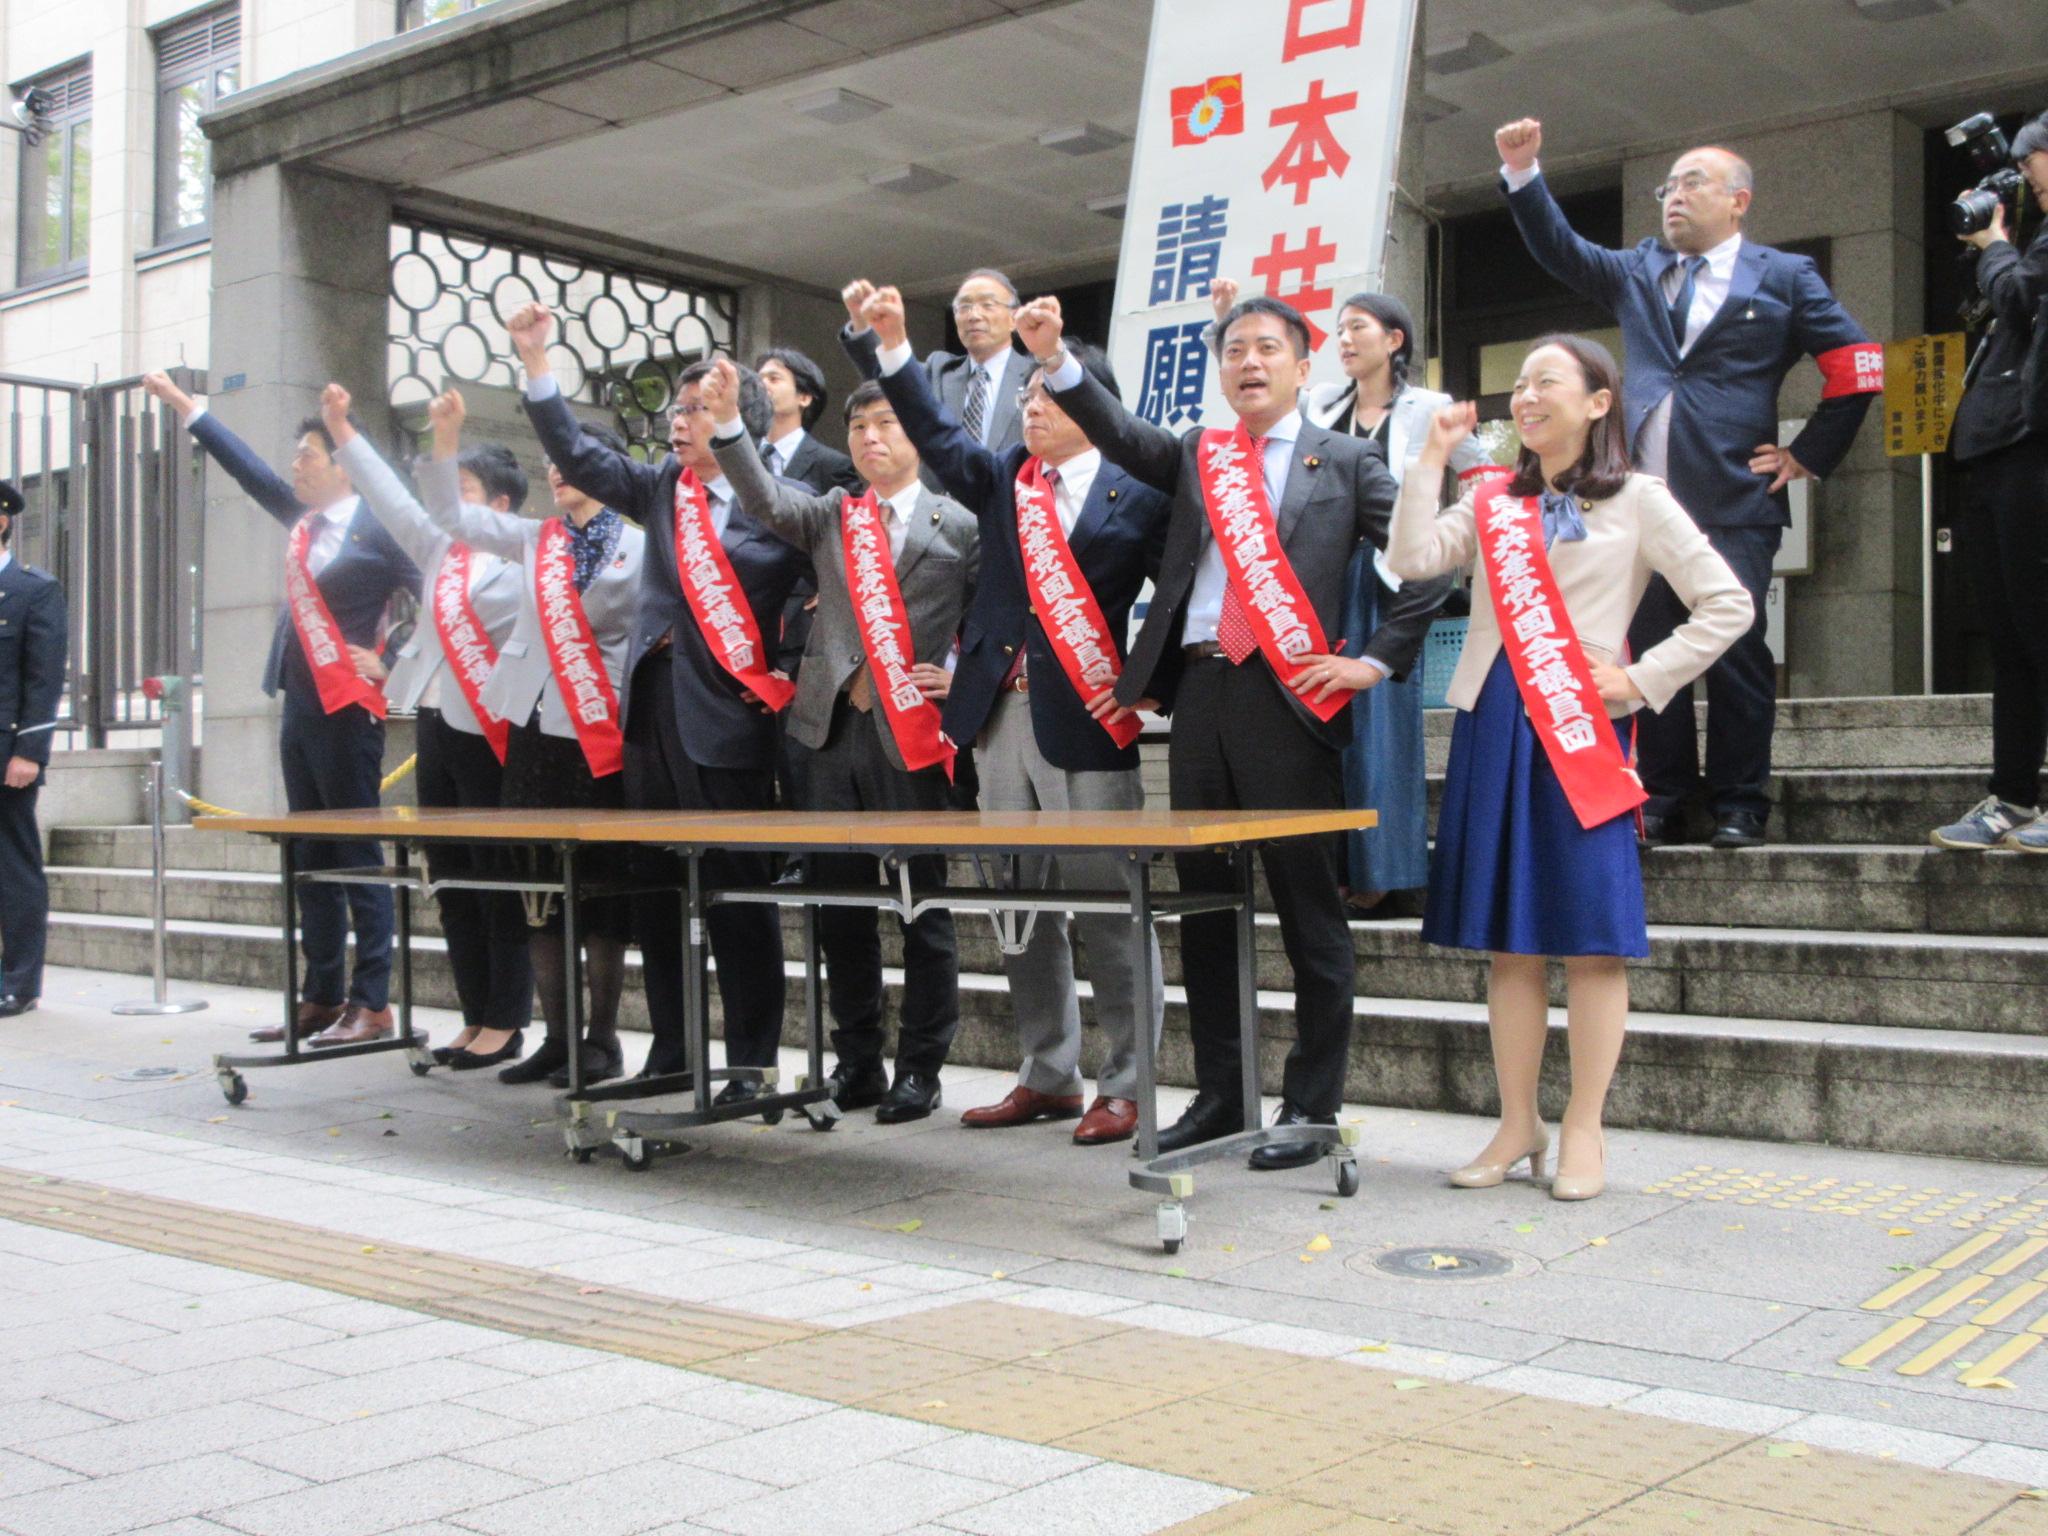 http://www.inoue-satoshi.com/diary/IMG_6651.JPG